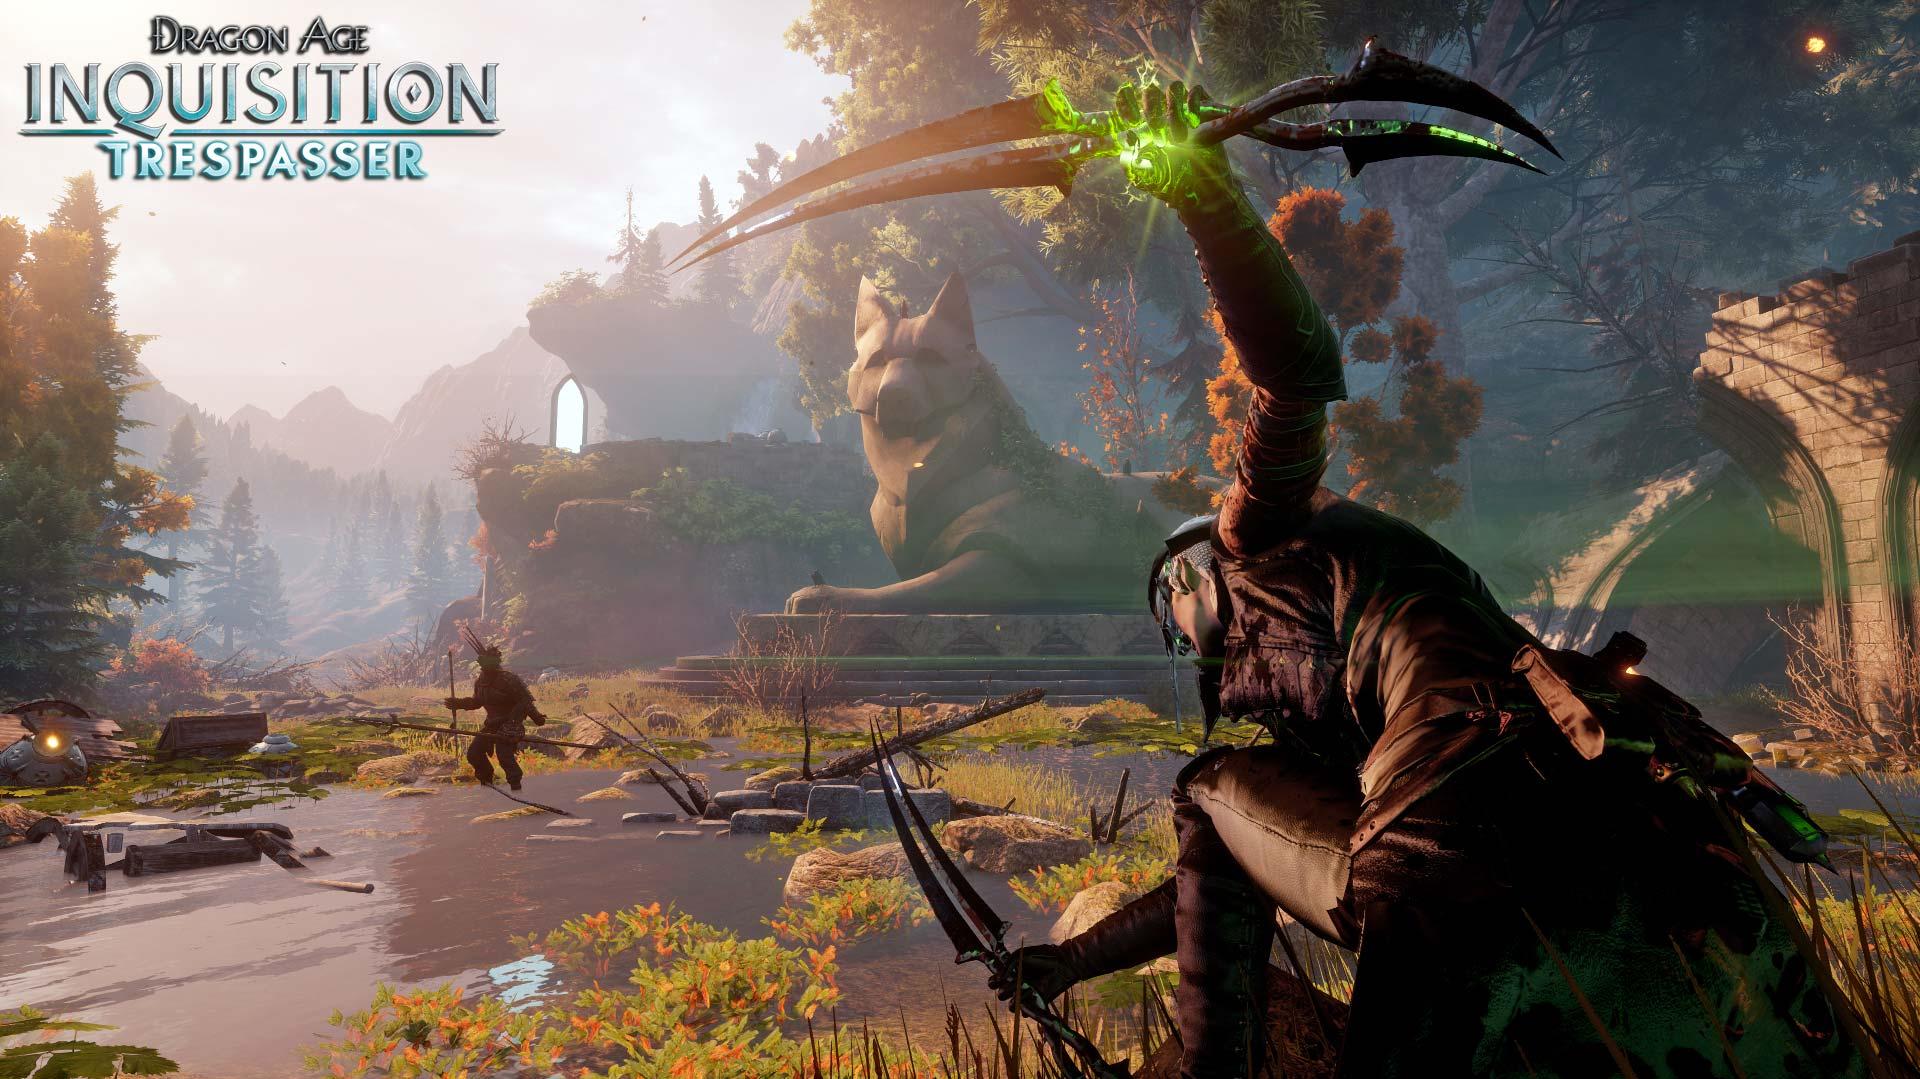 Los mejores mods de Dragon Age Inquisition